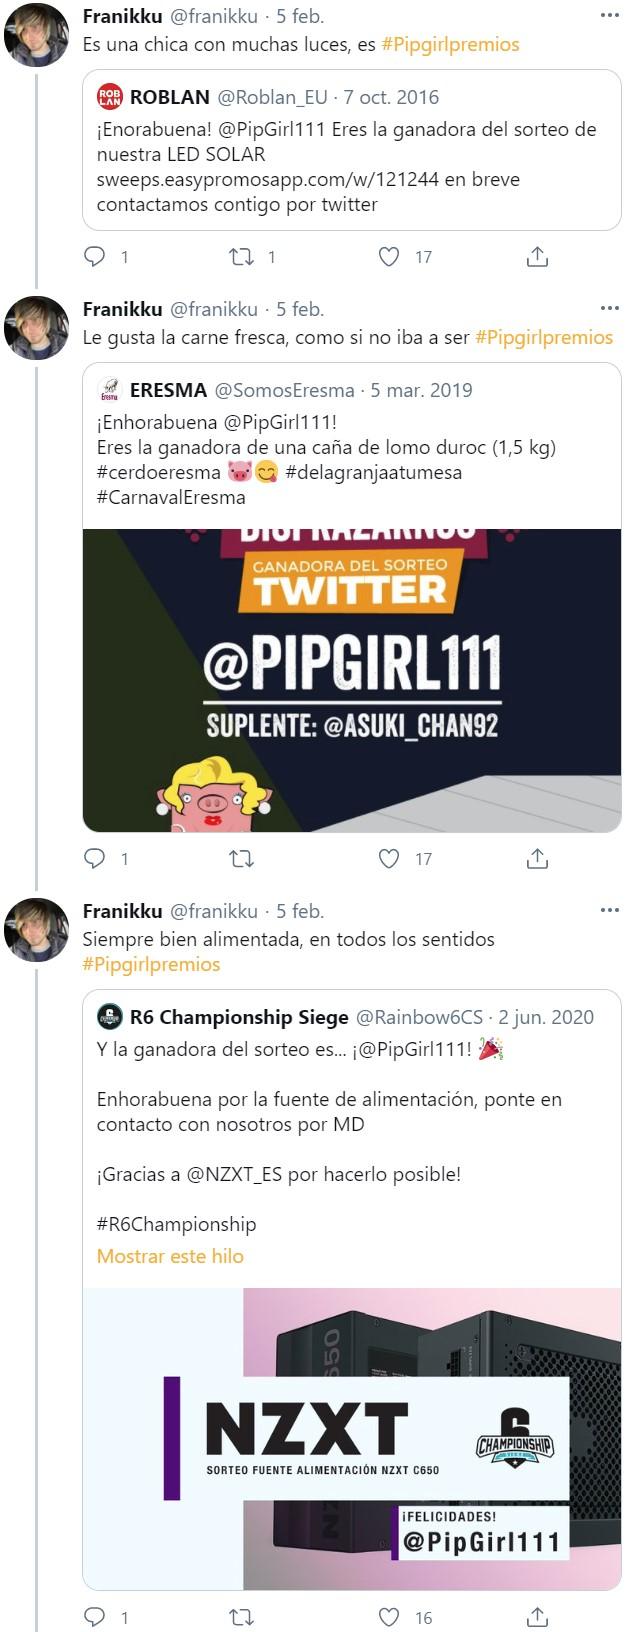 El caso Pipgirl111: ¿Superpoderes para ganar todos los concursos o... timo masivo?